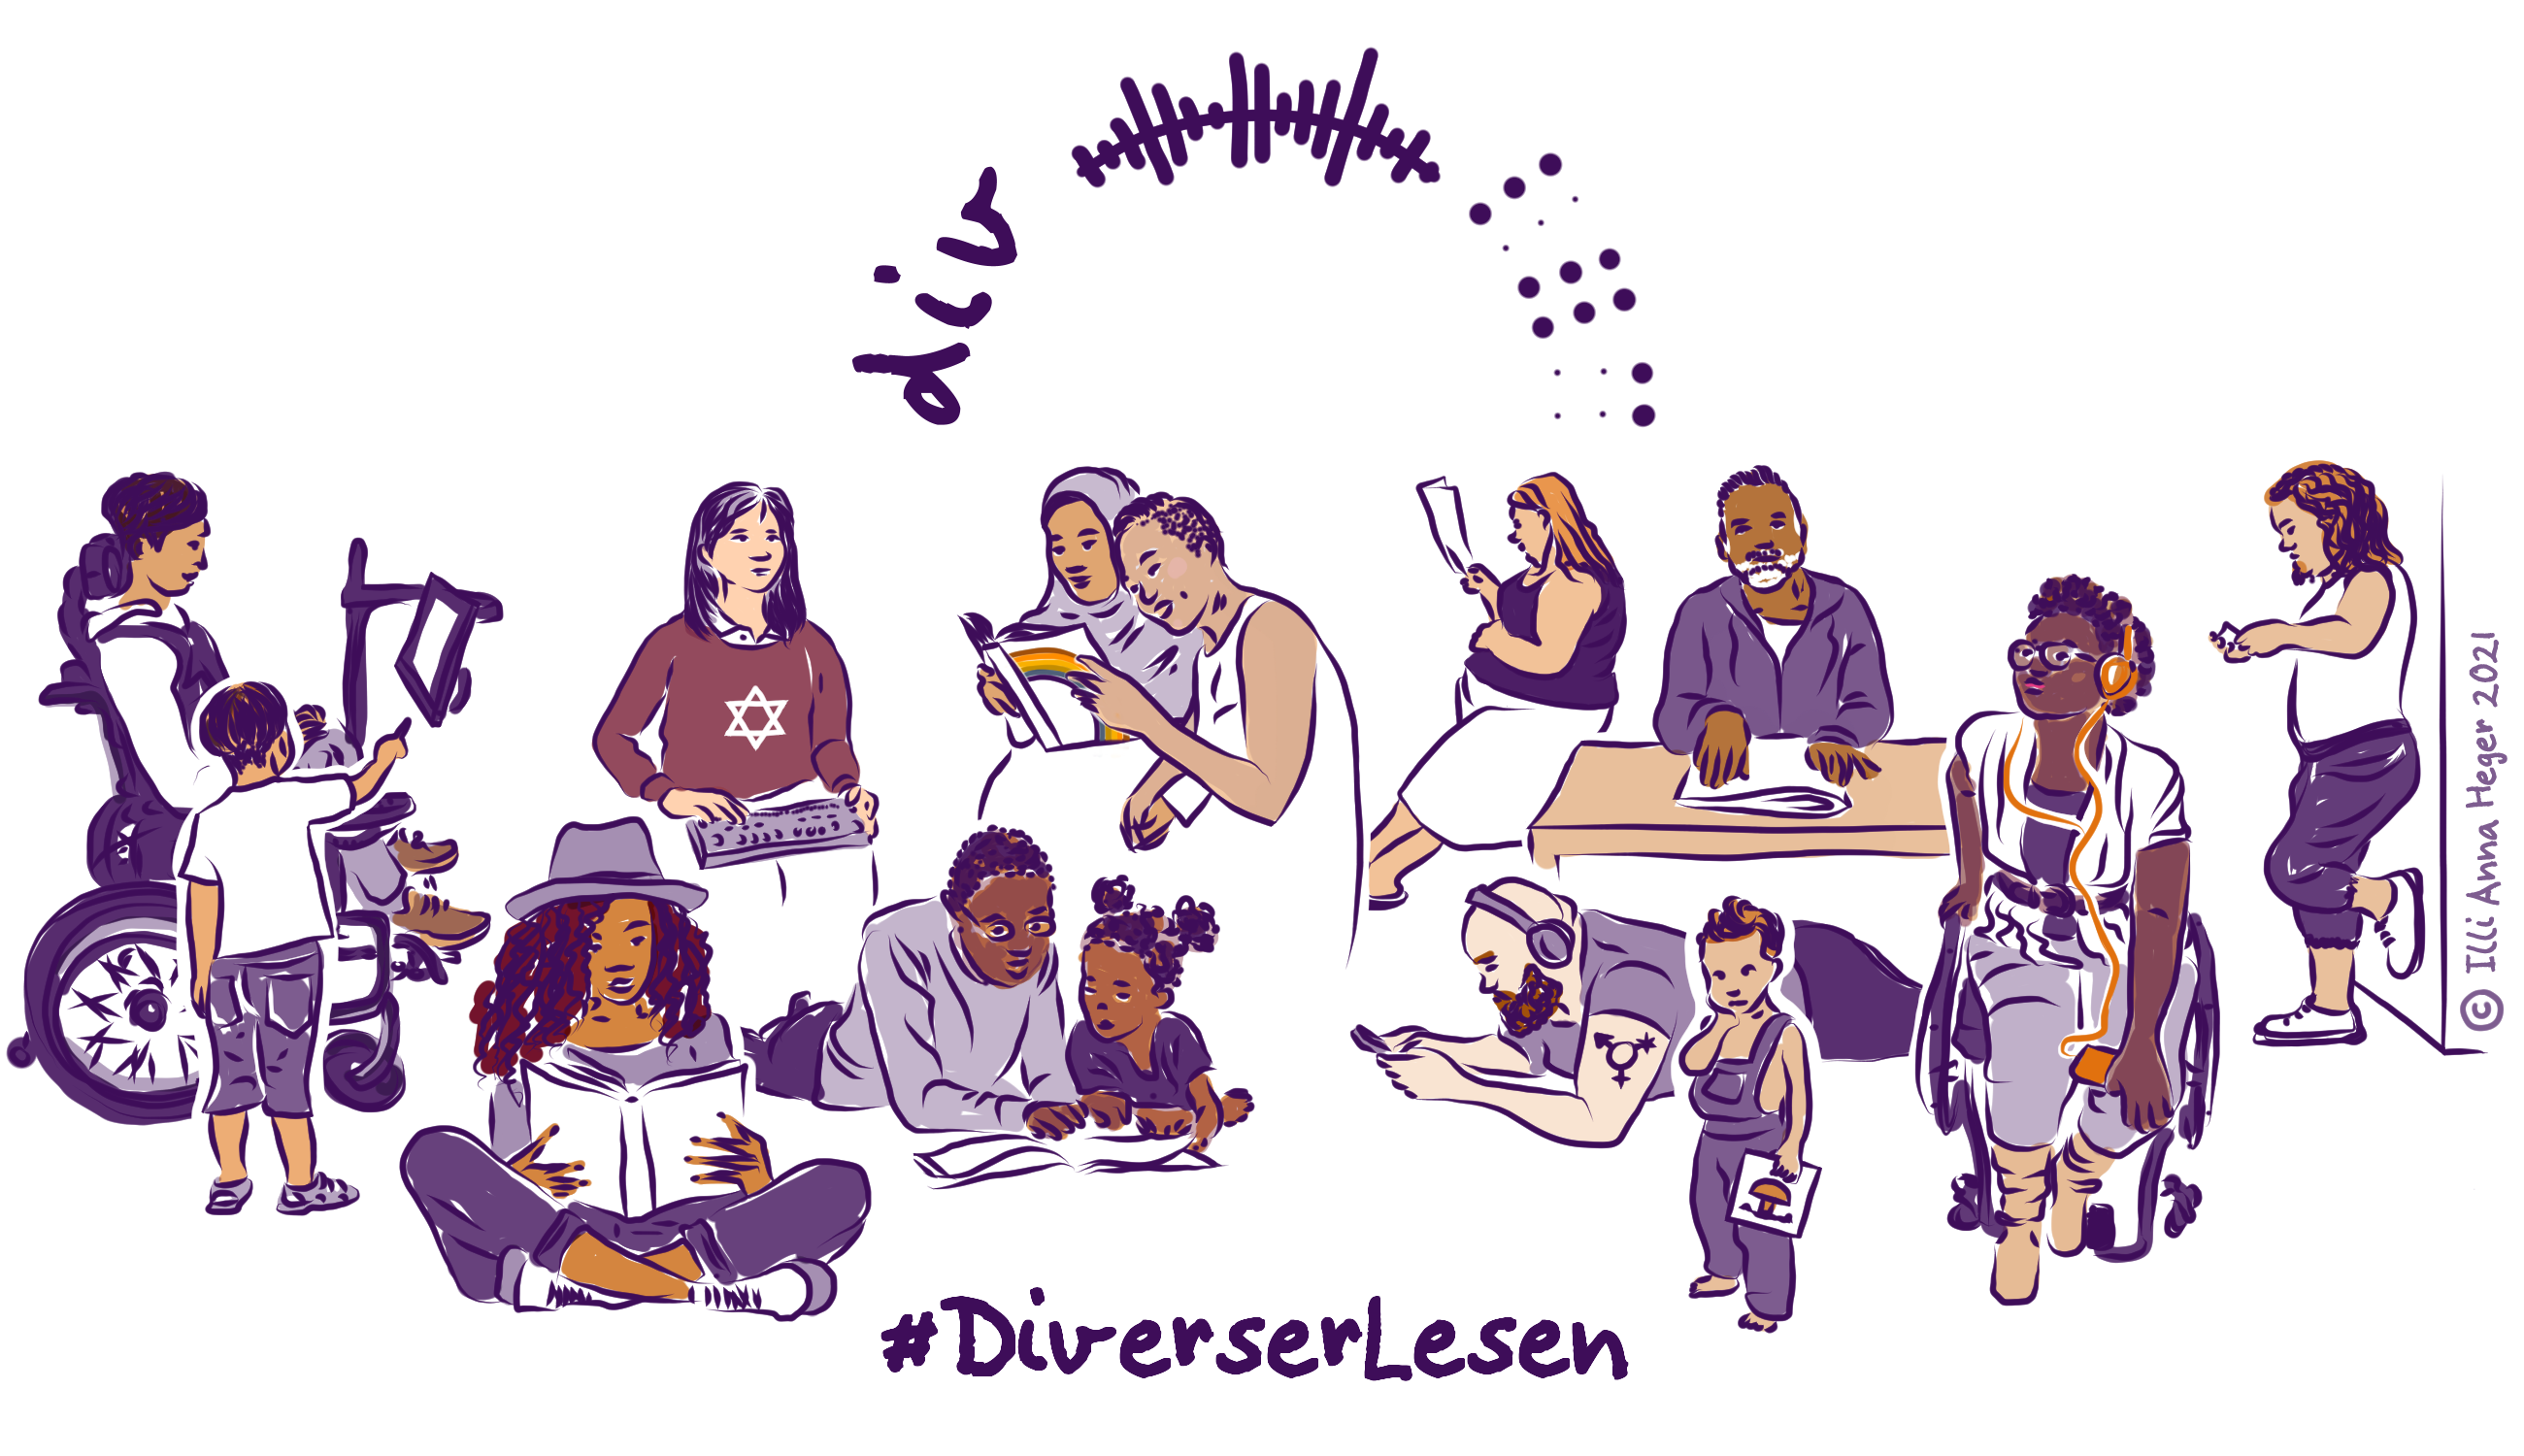 Das Logo der Aktion #DiverserLesen